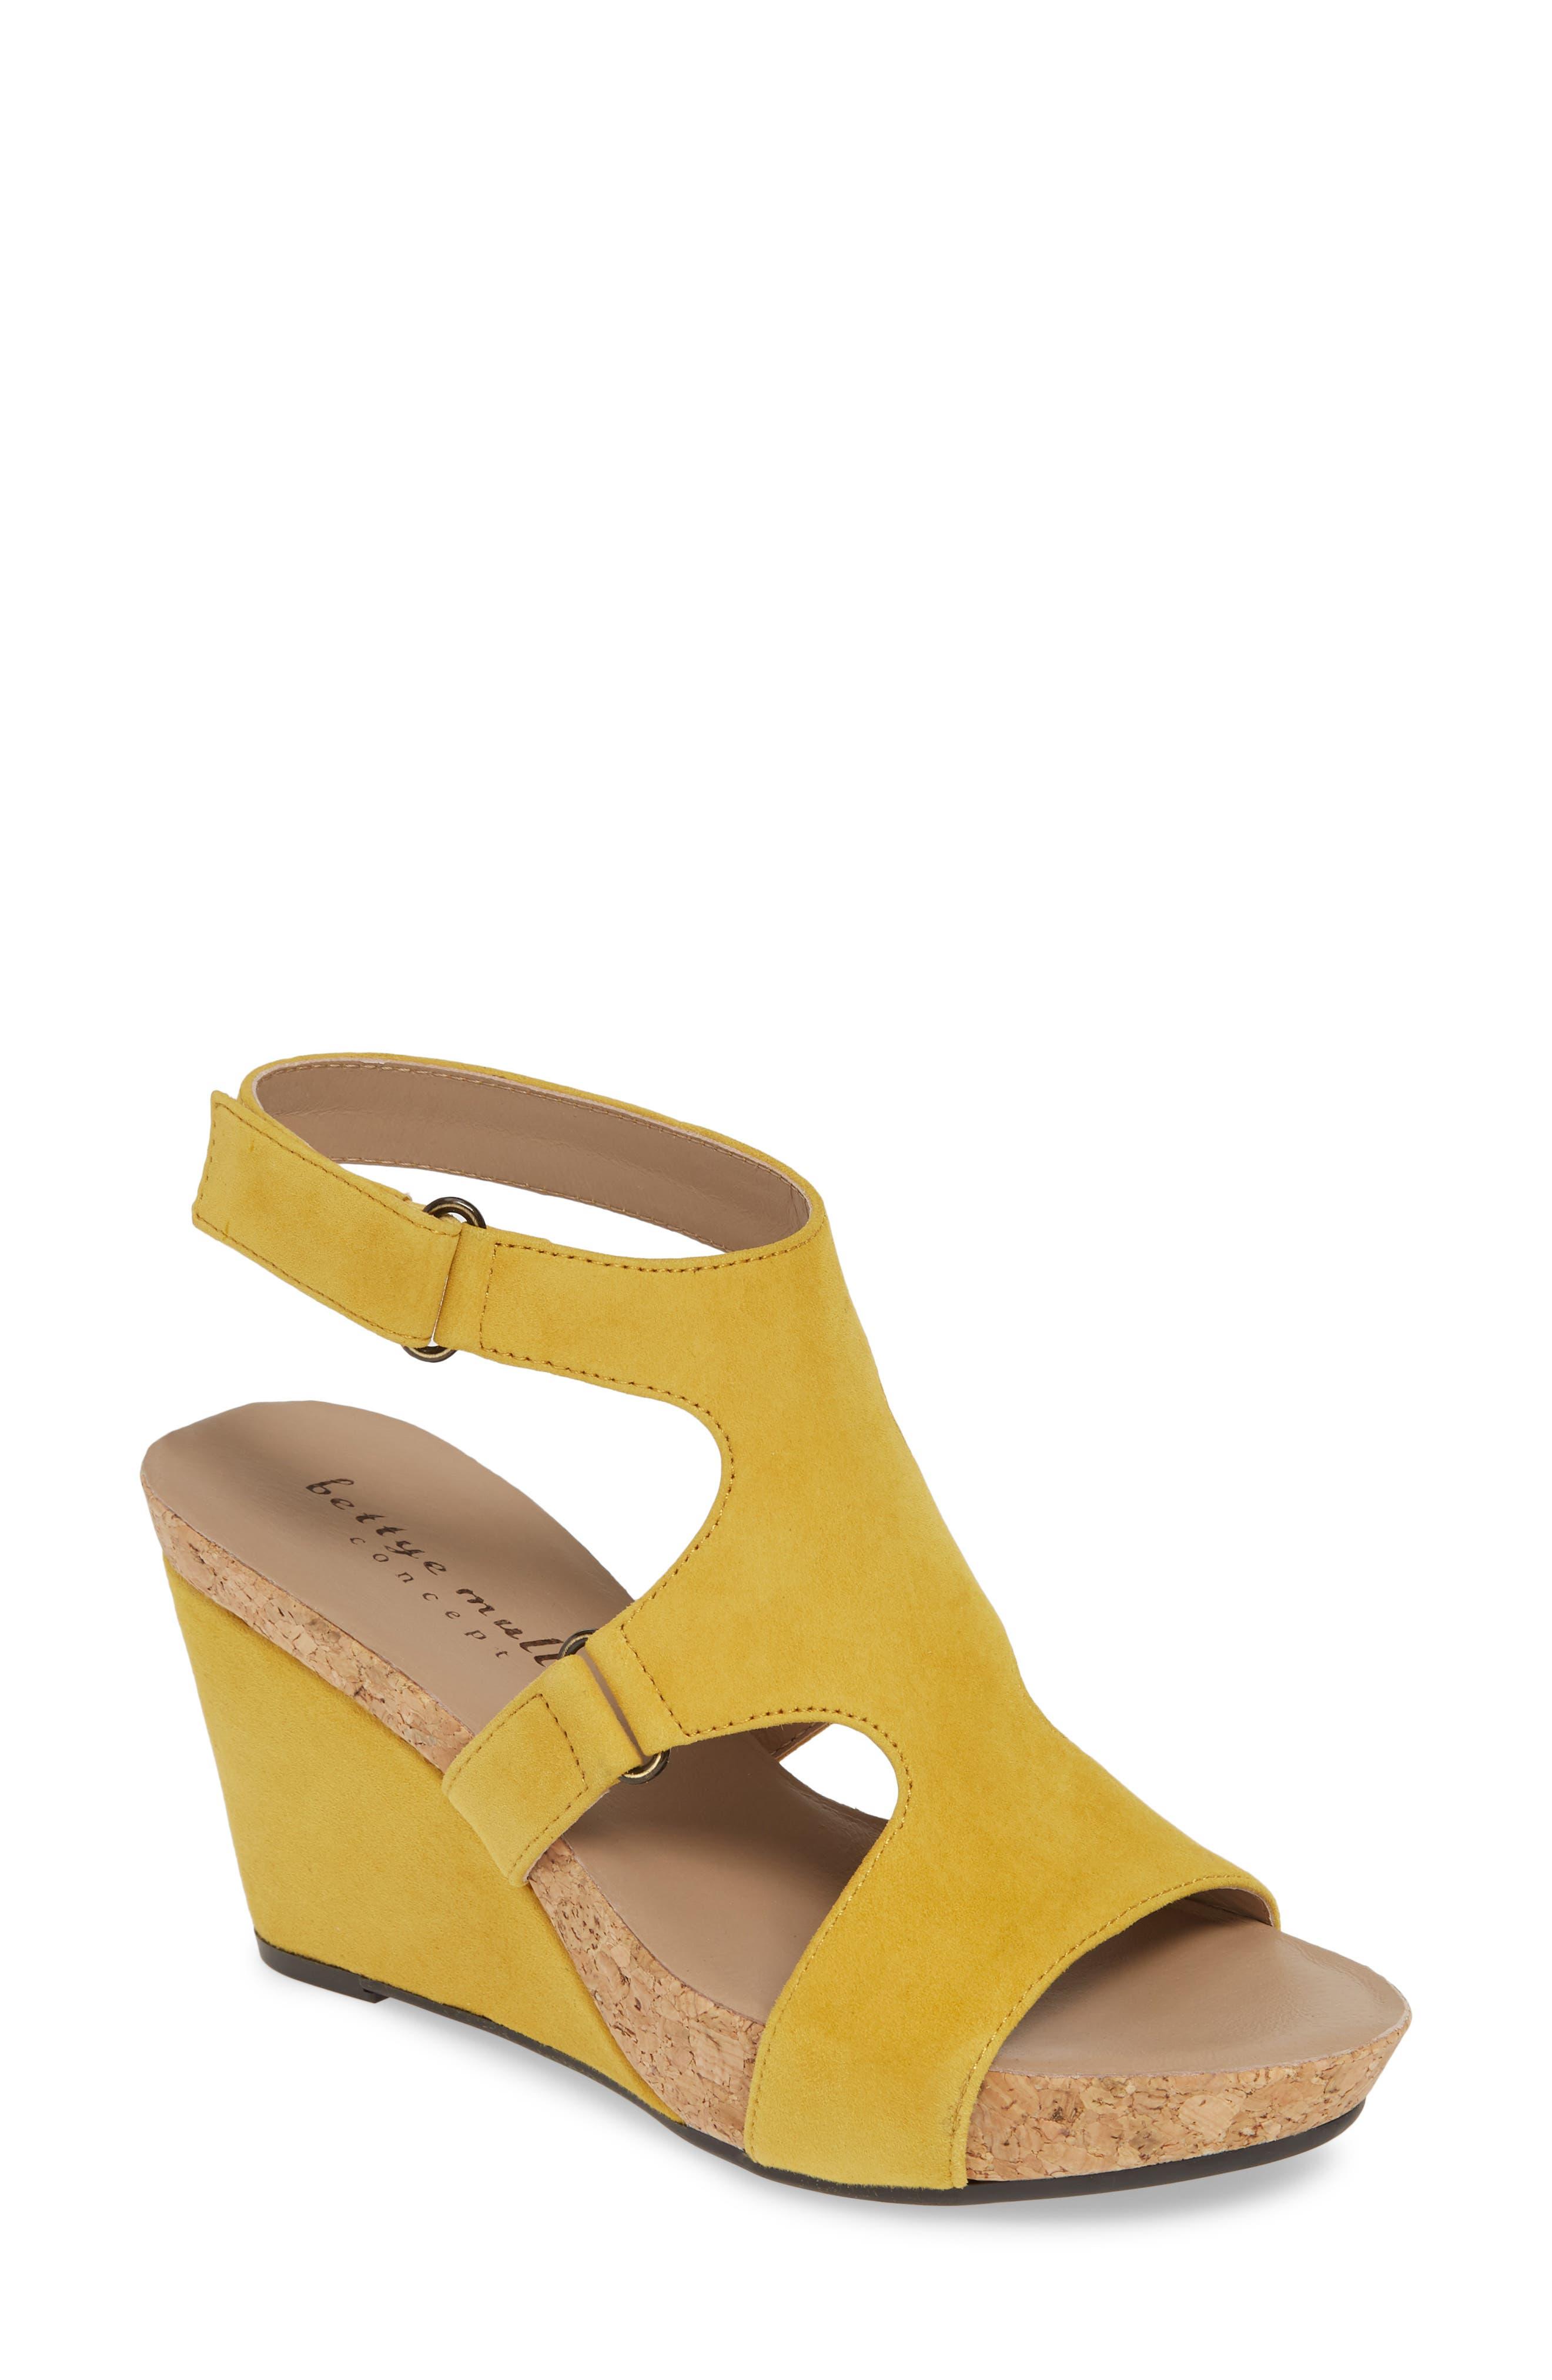 Bettye Muller Concepts Tobias Sandal, Yellow